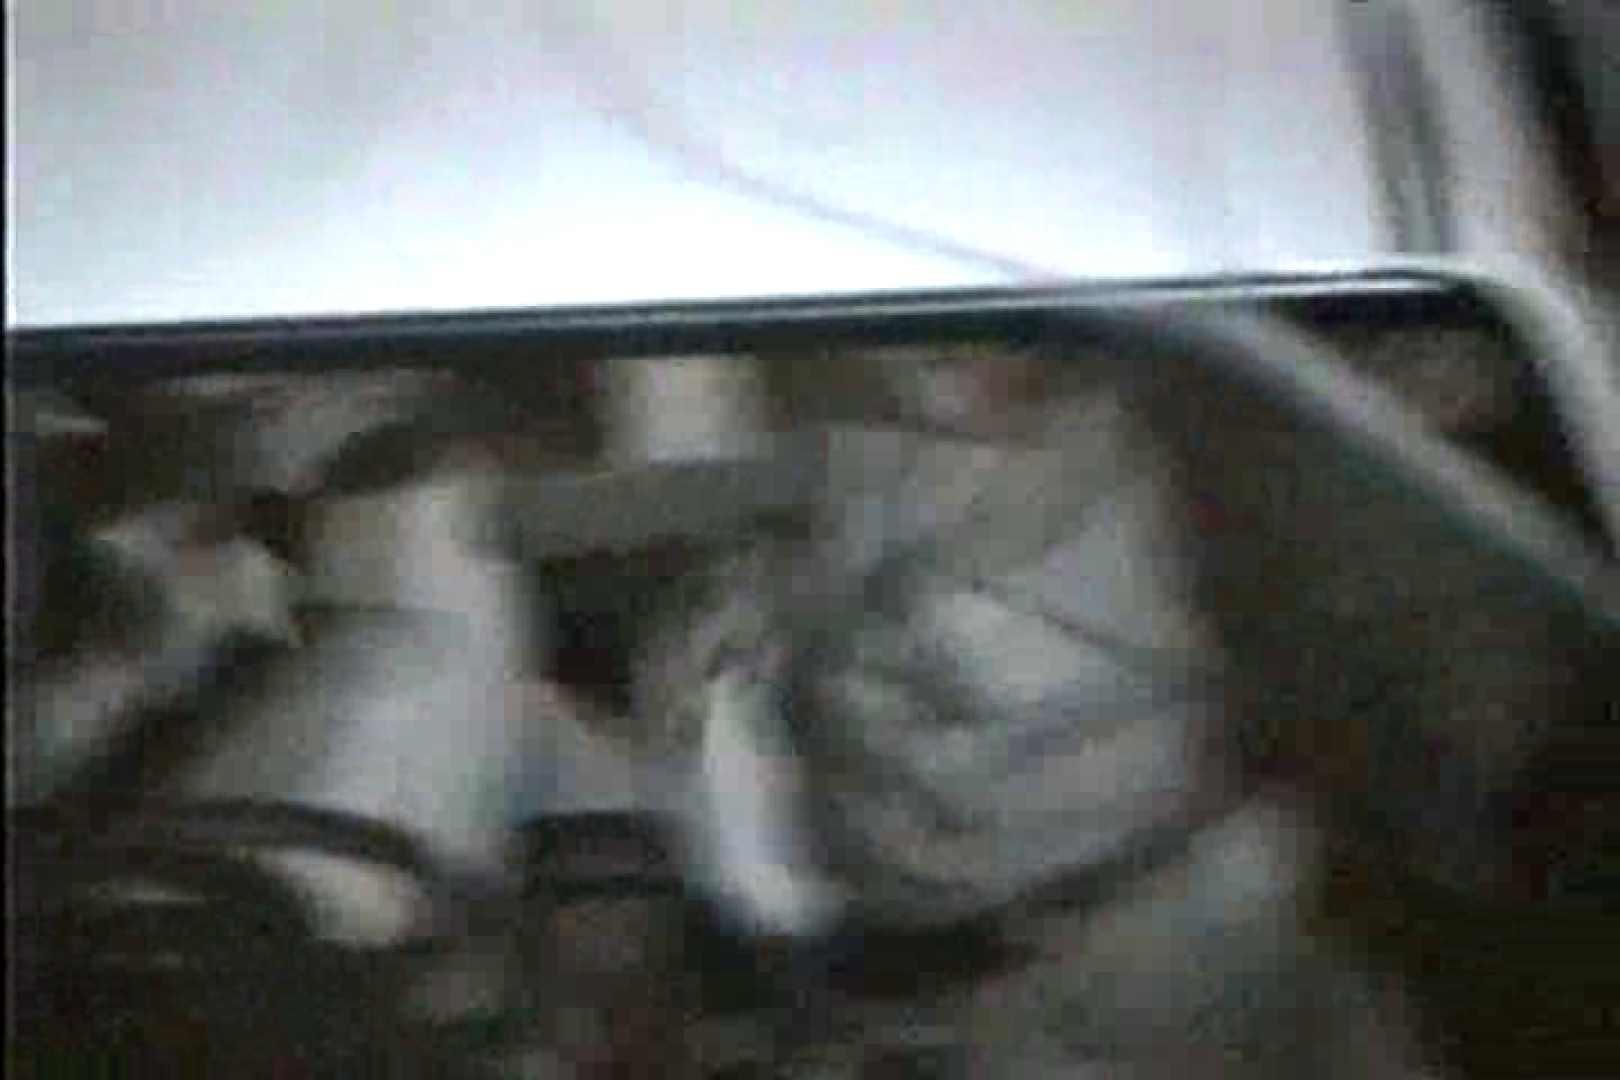 車の中はラブホテル 無修正版  Vol.8 望遠 すけべAV動画紹介 108PICs 70